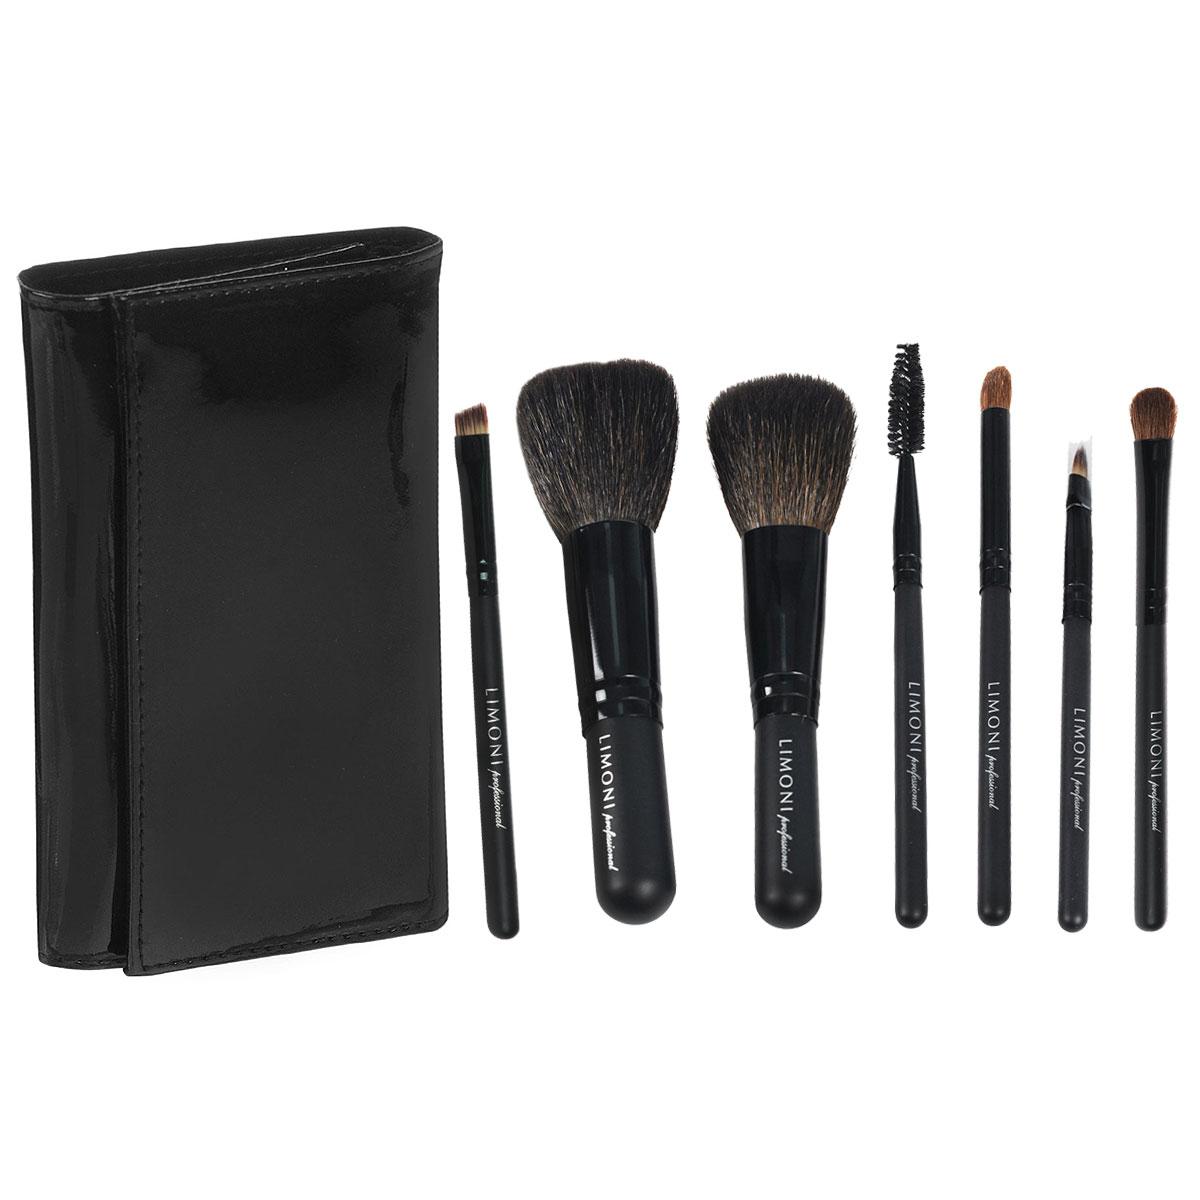 Набор кистей Limoni Travel Kit, дорожный, 7 предметов дорожный набор кистей для макияжа